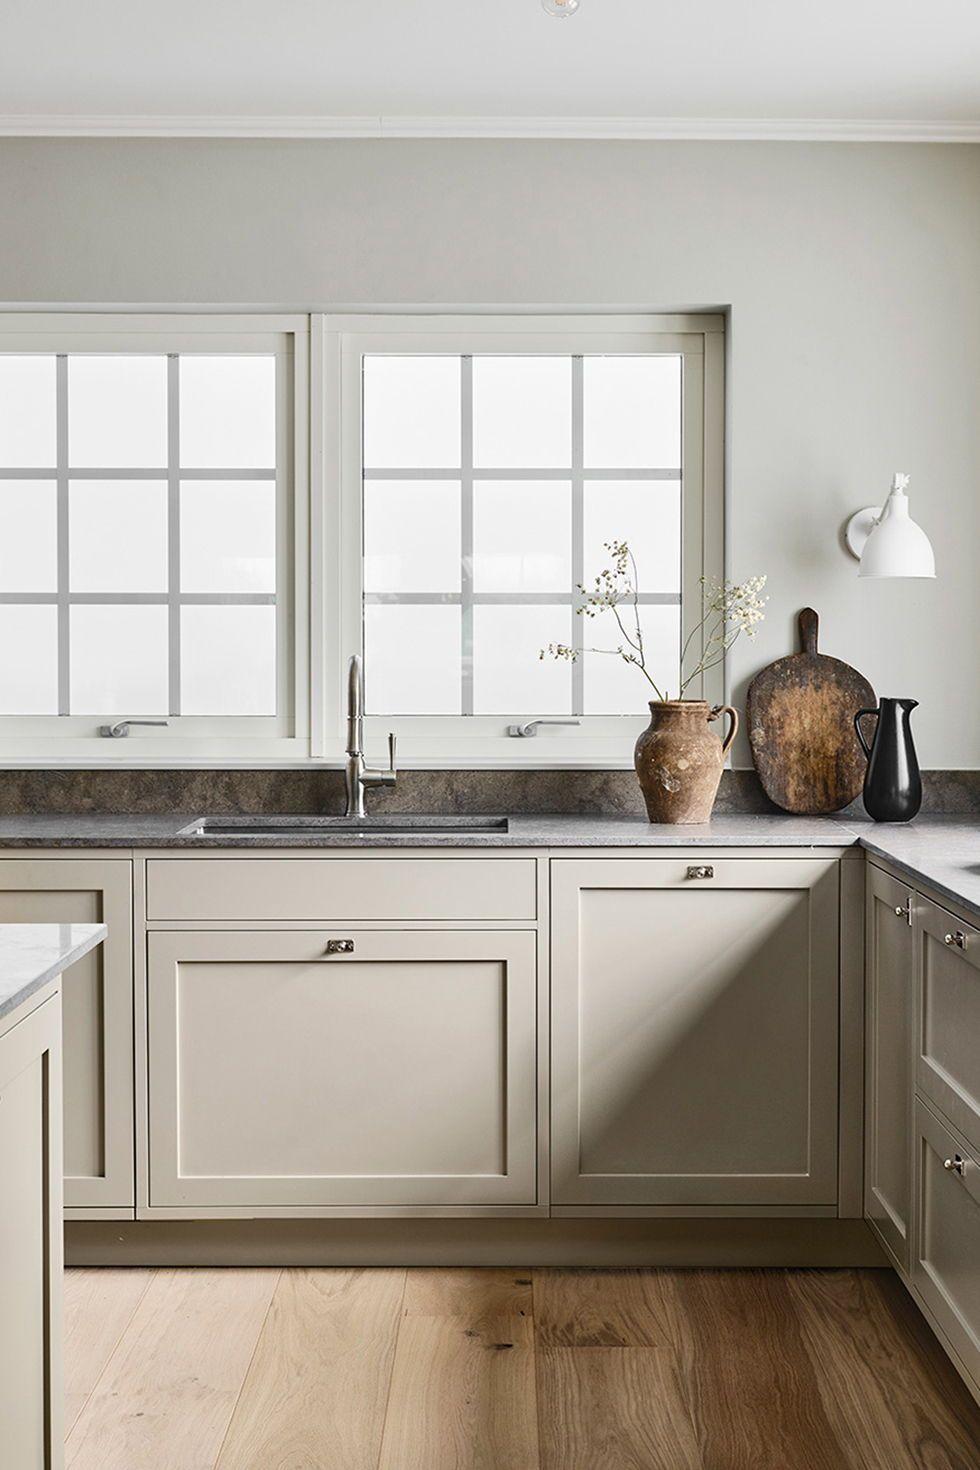 Kökinredning för lägenheter för att skapa det perfekta köket